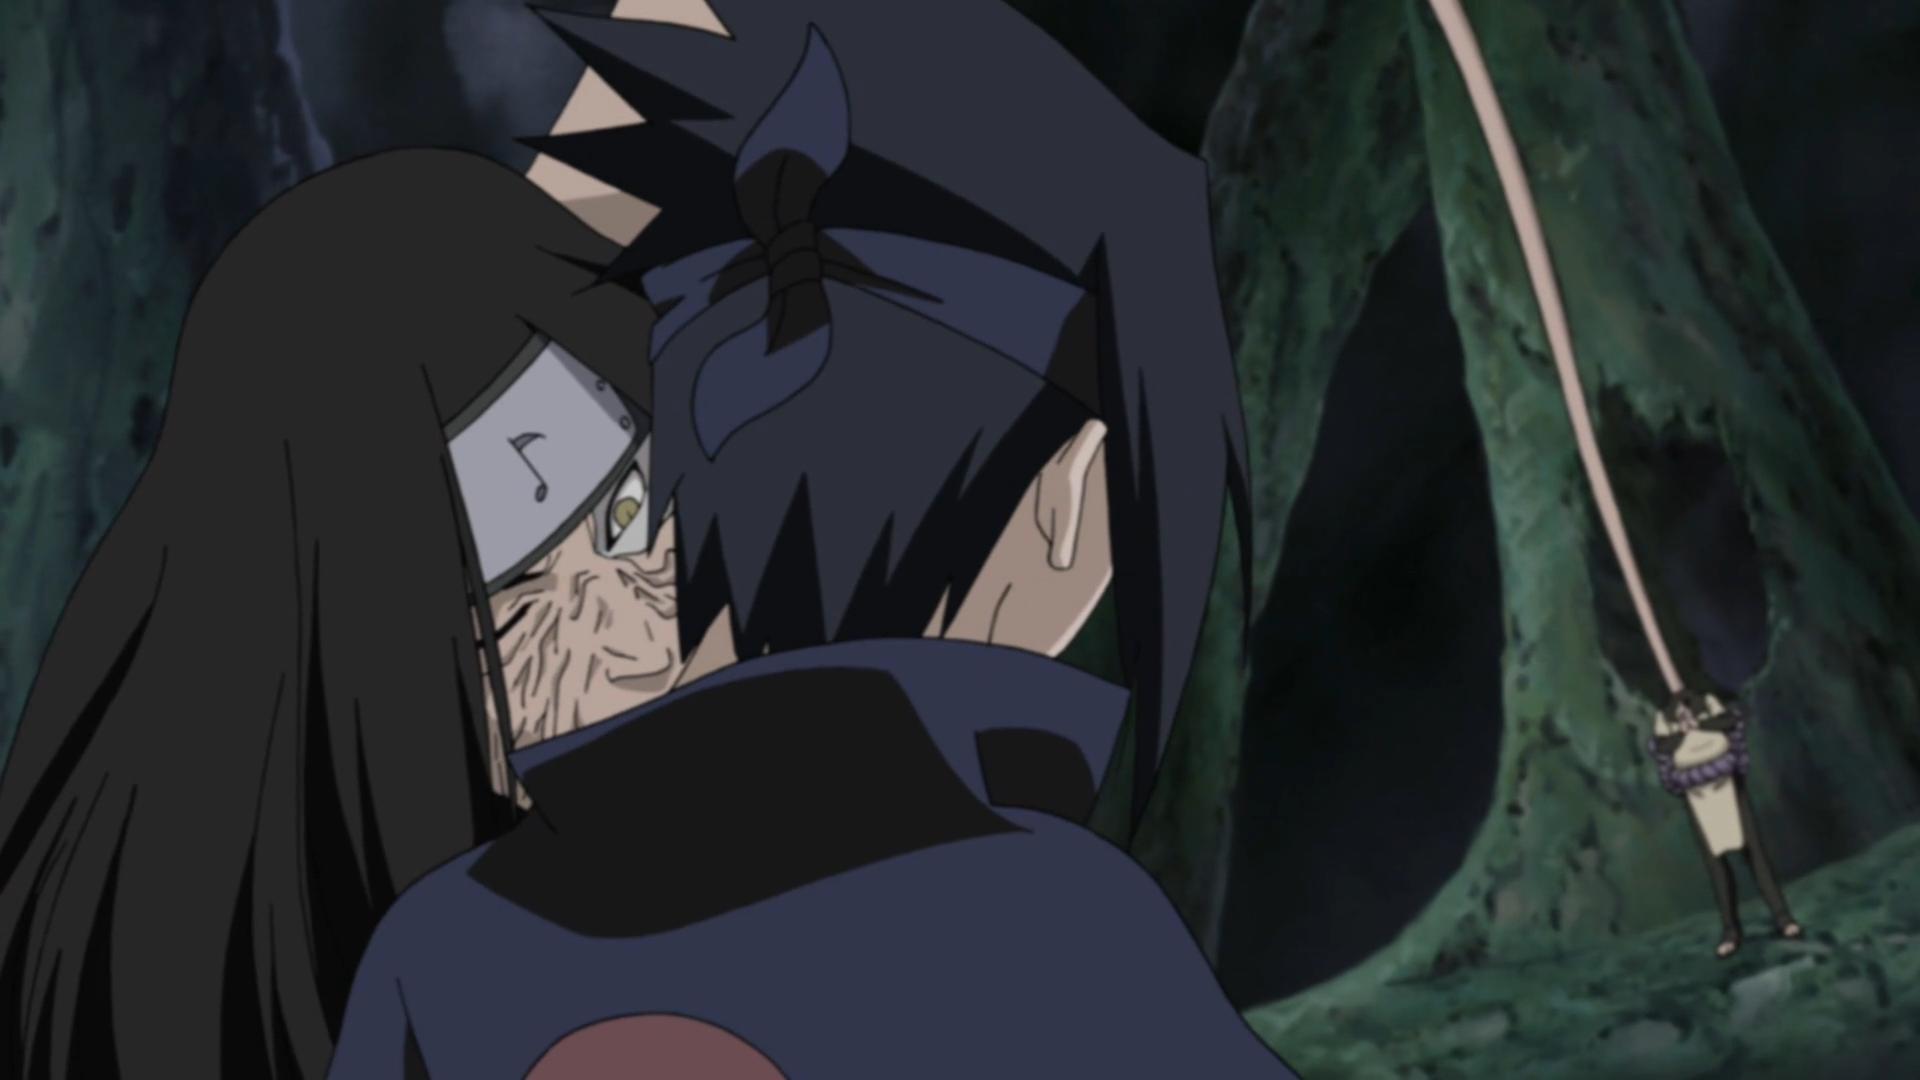 Orochimaru narutopedia the naruto encyclopedia wiki - Image naruto sasuke ...